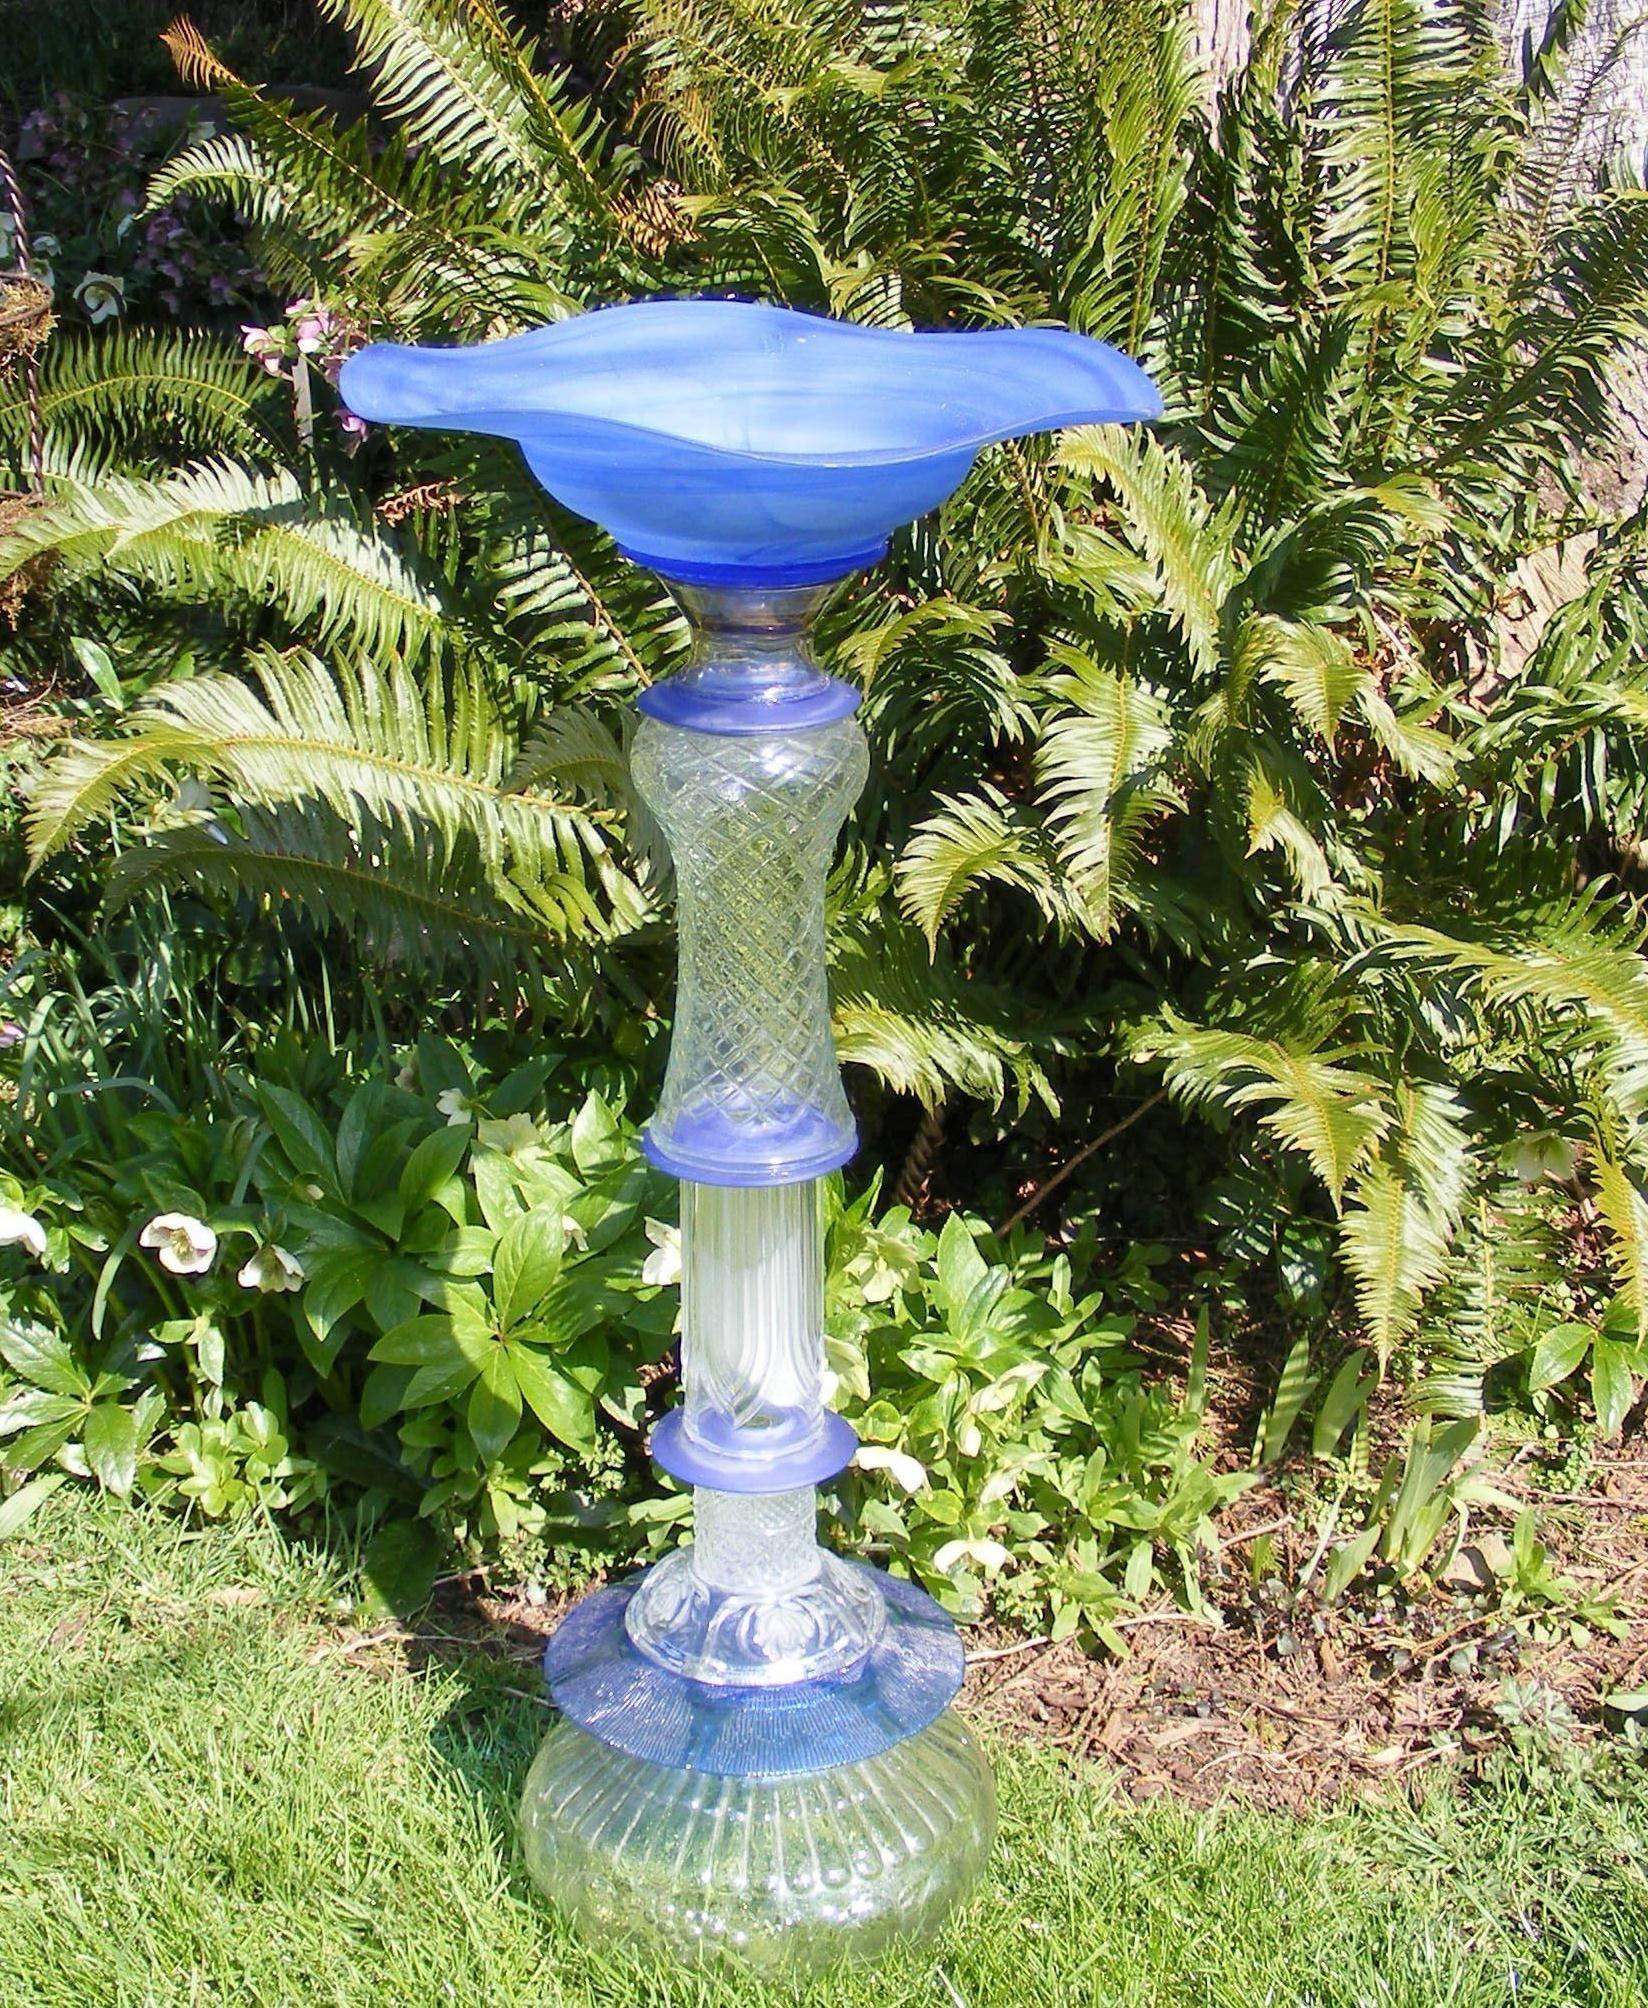 recycled glass garden art | garden | Pinterest